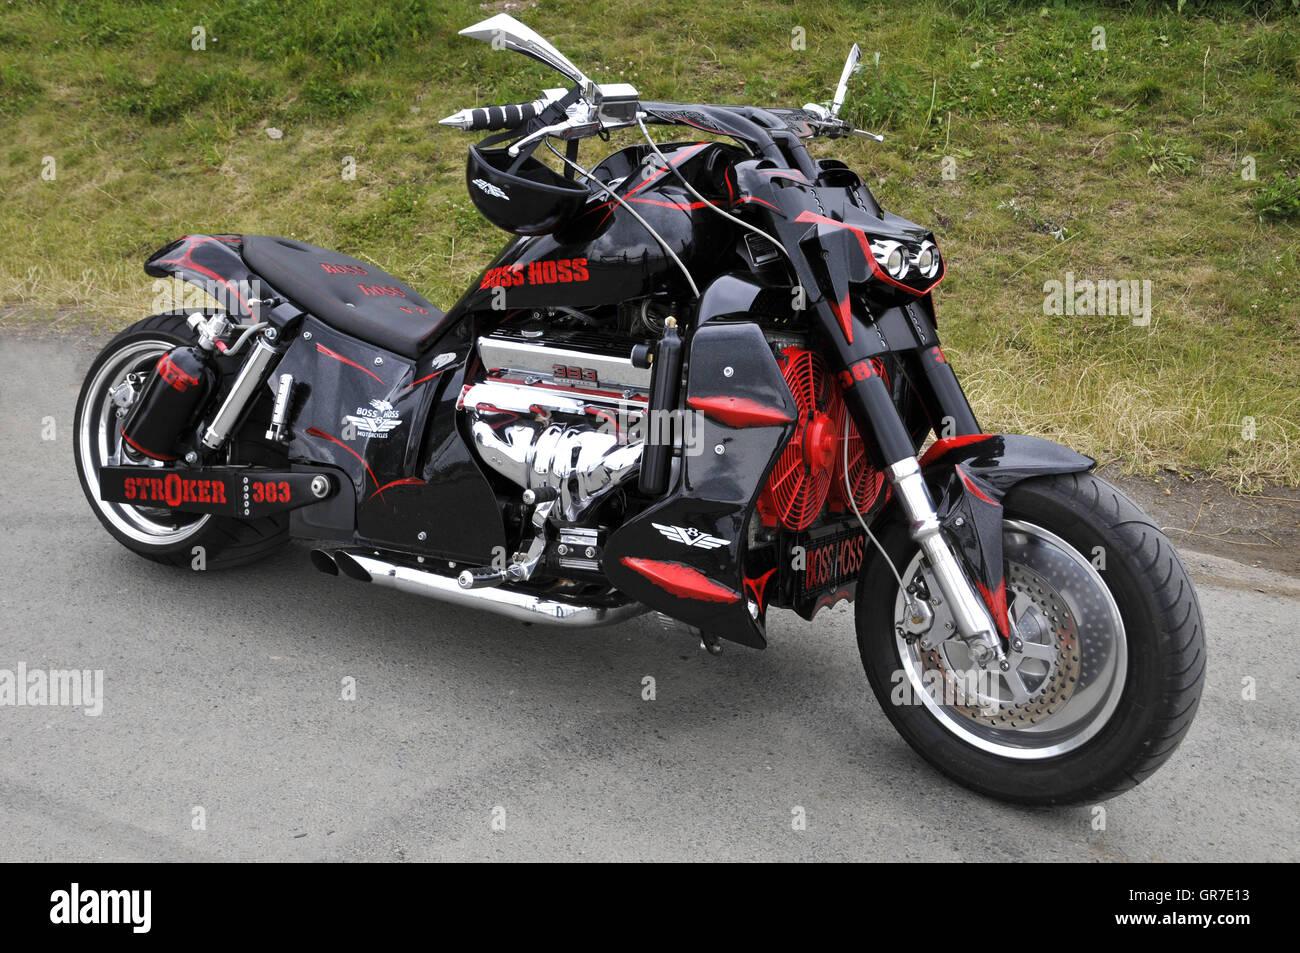 motorrad boss hoss